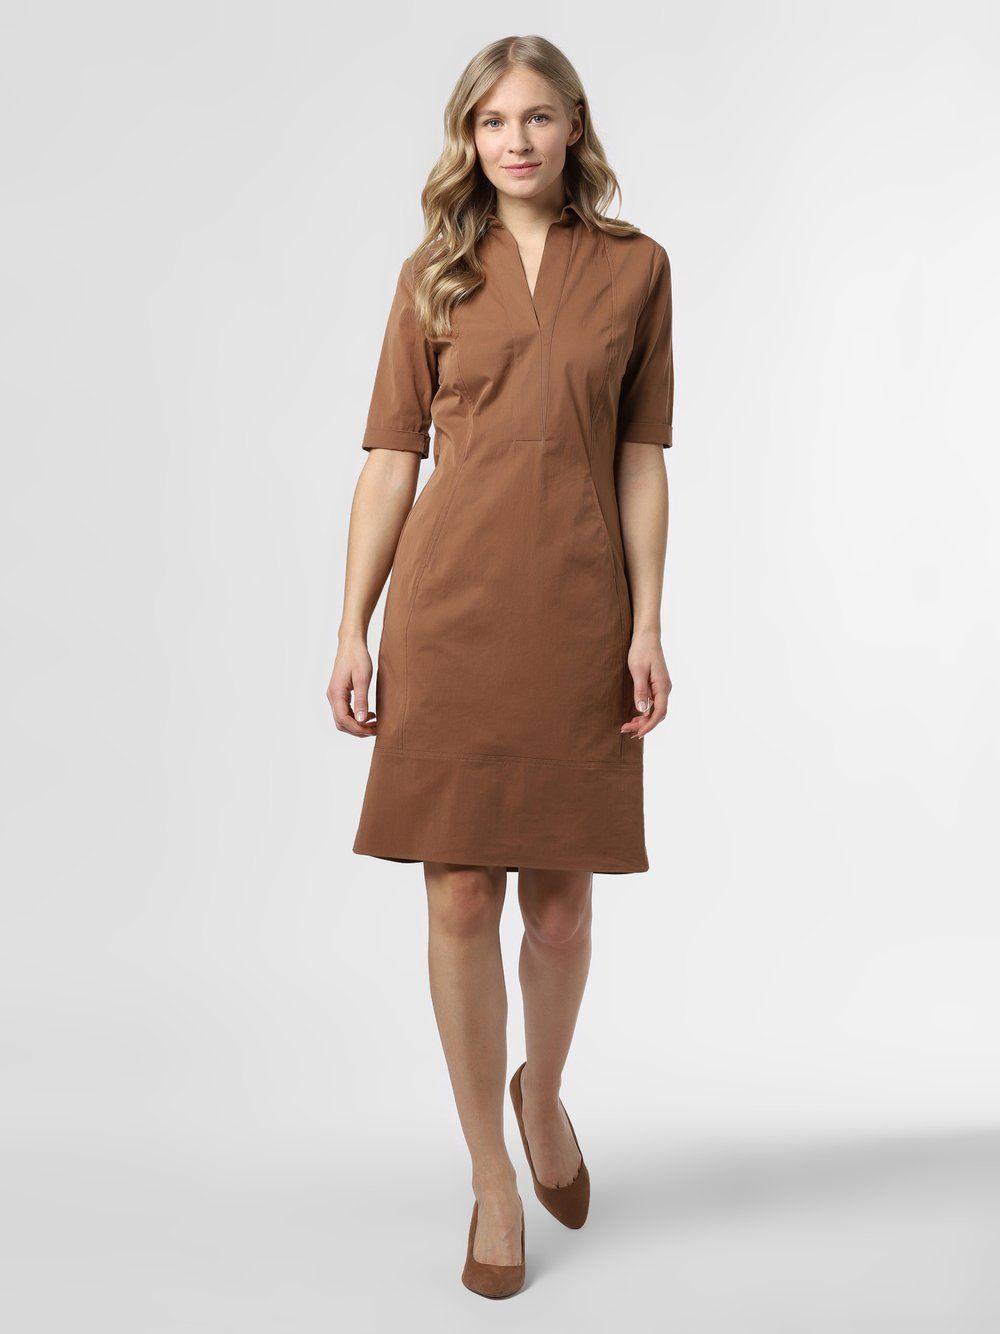 Apriori Damen Kleid Online Kaufen In 2020  Kleider Kleid